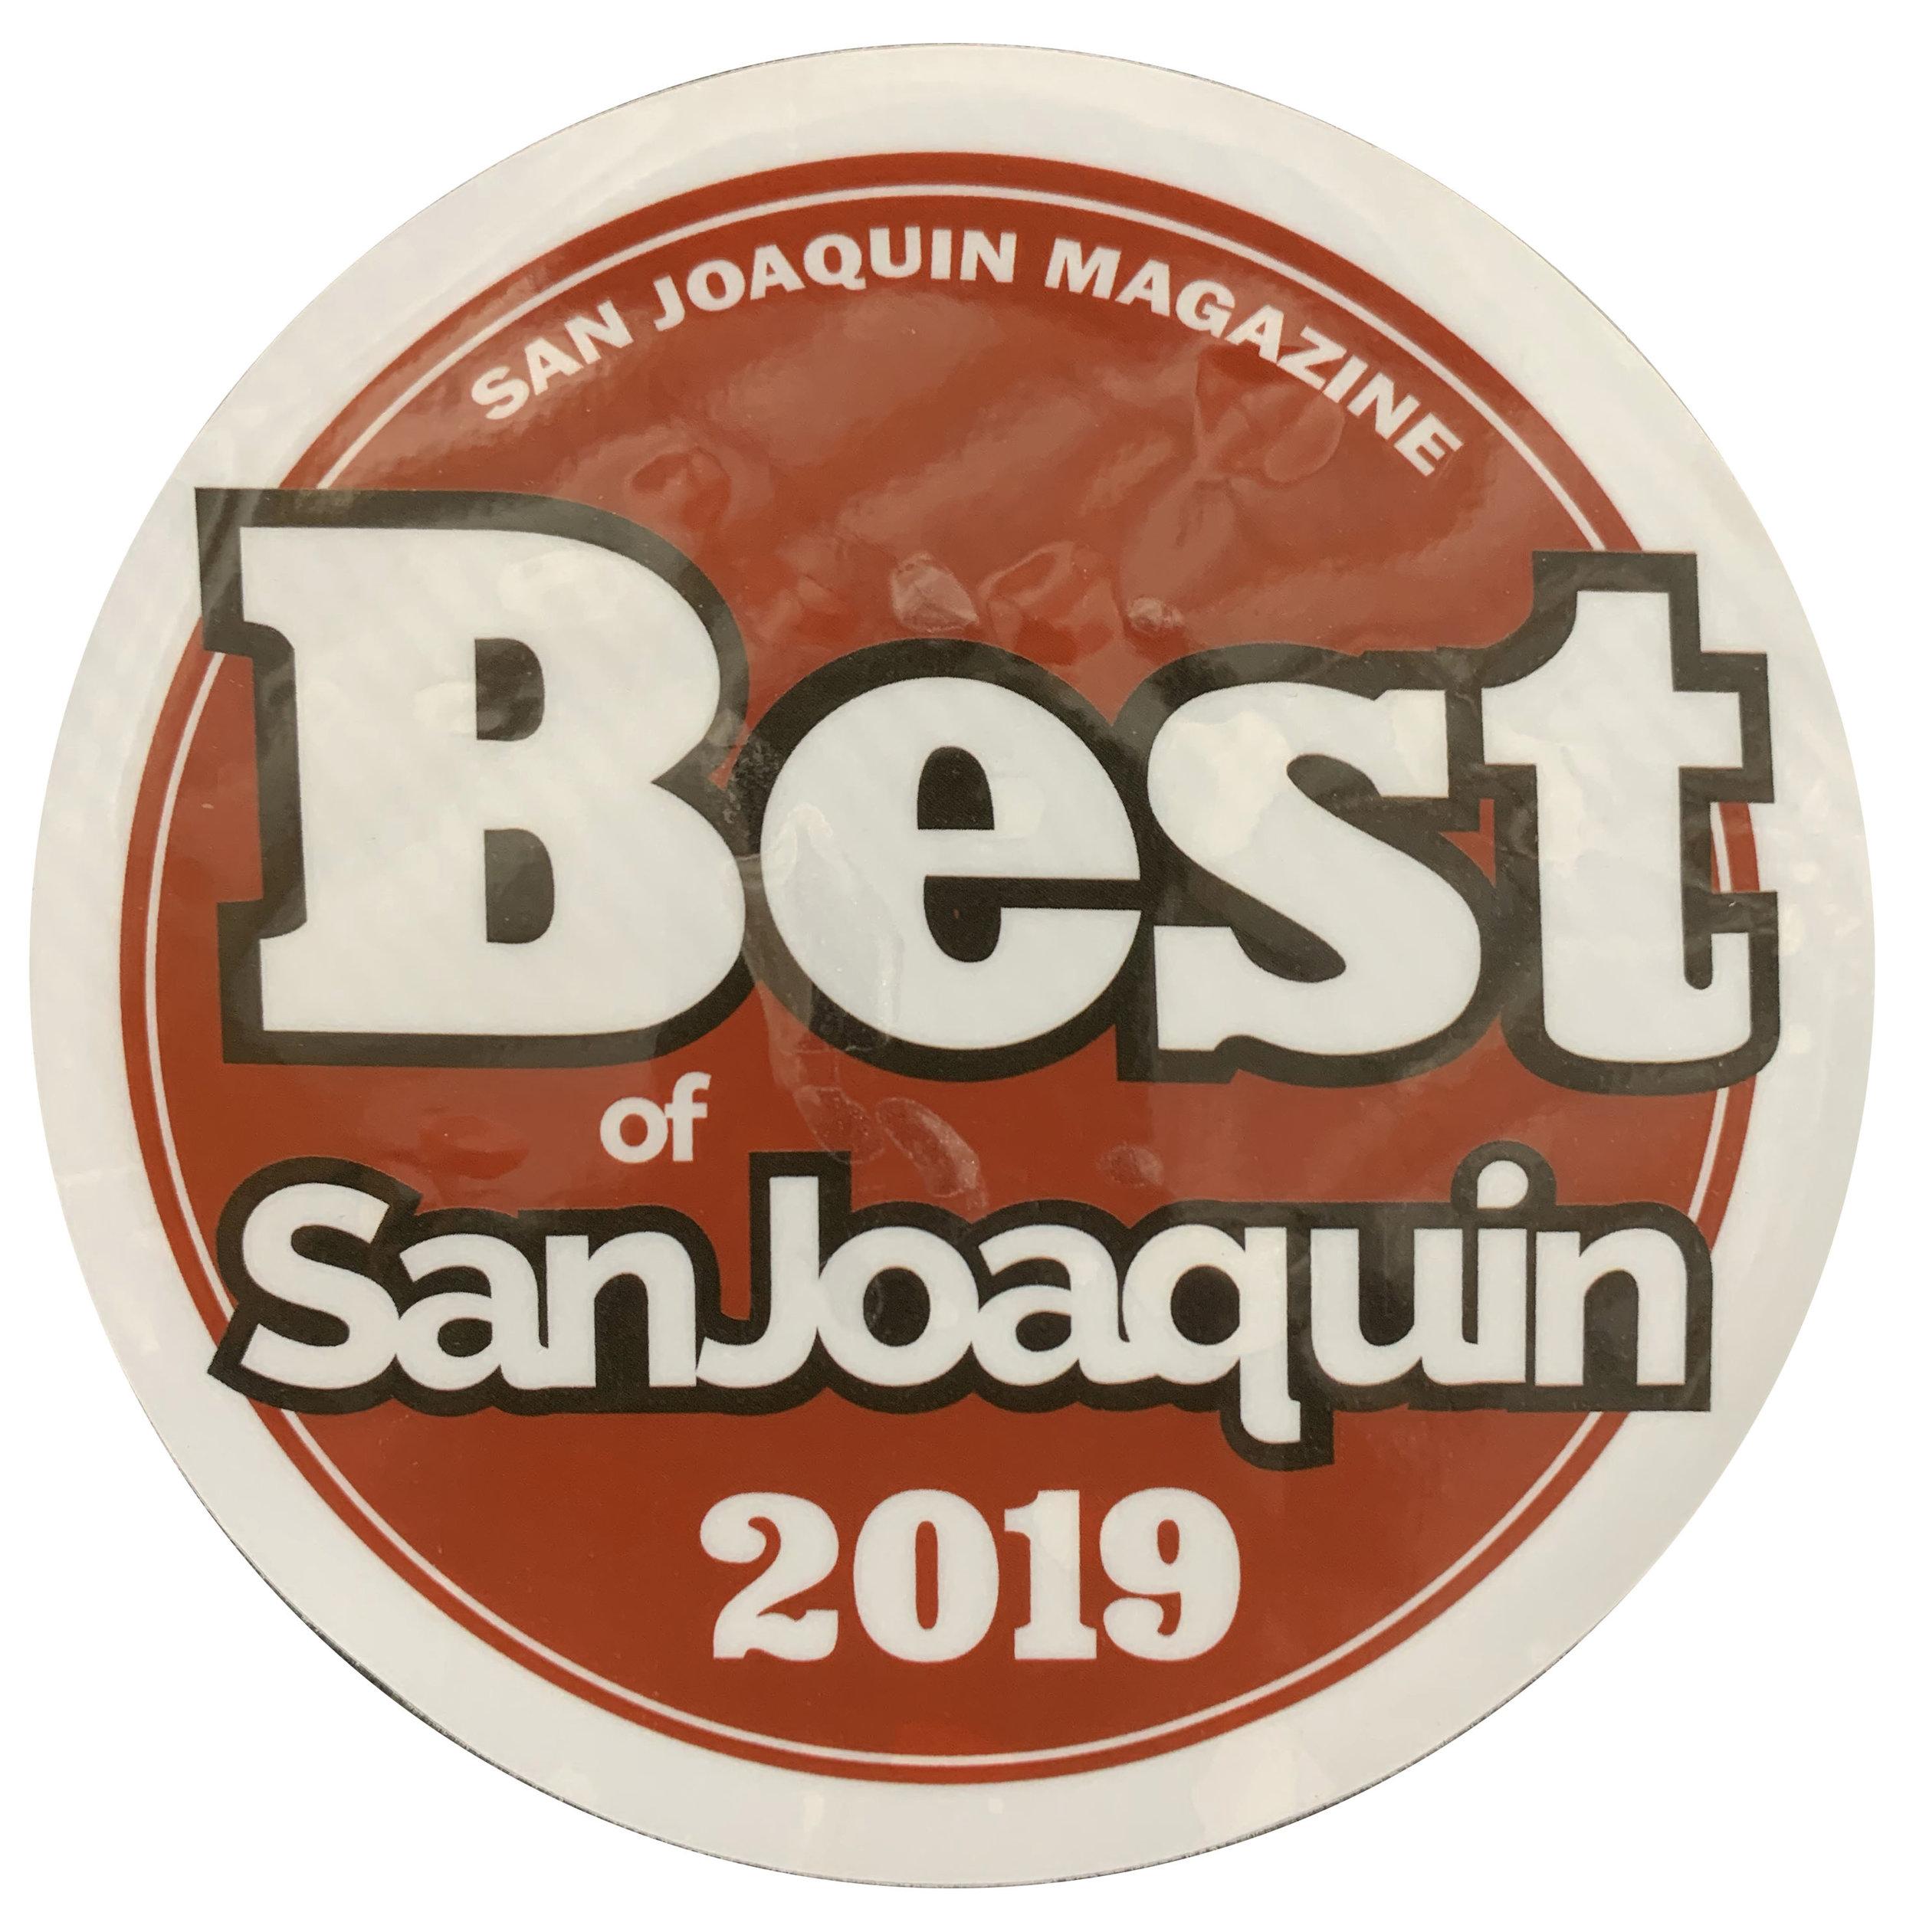 BEST OF SJ 2019 sticker.jpg